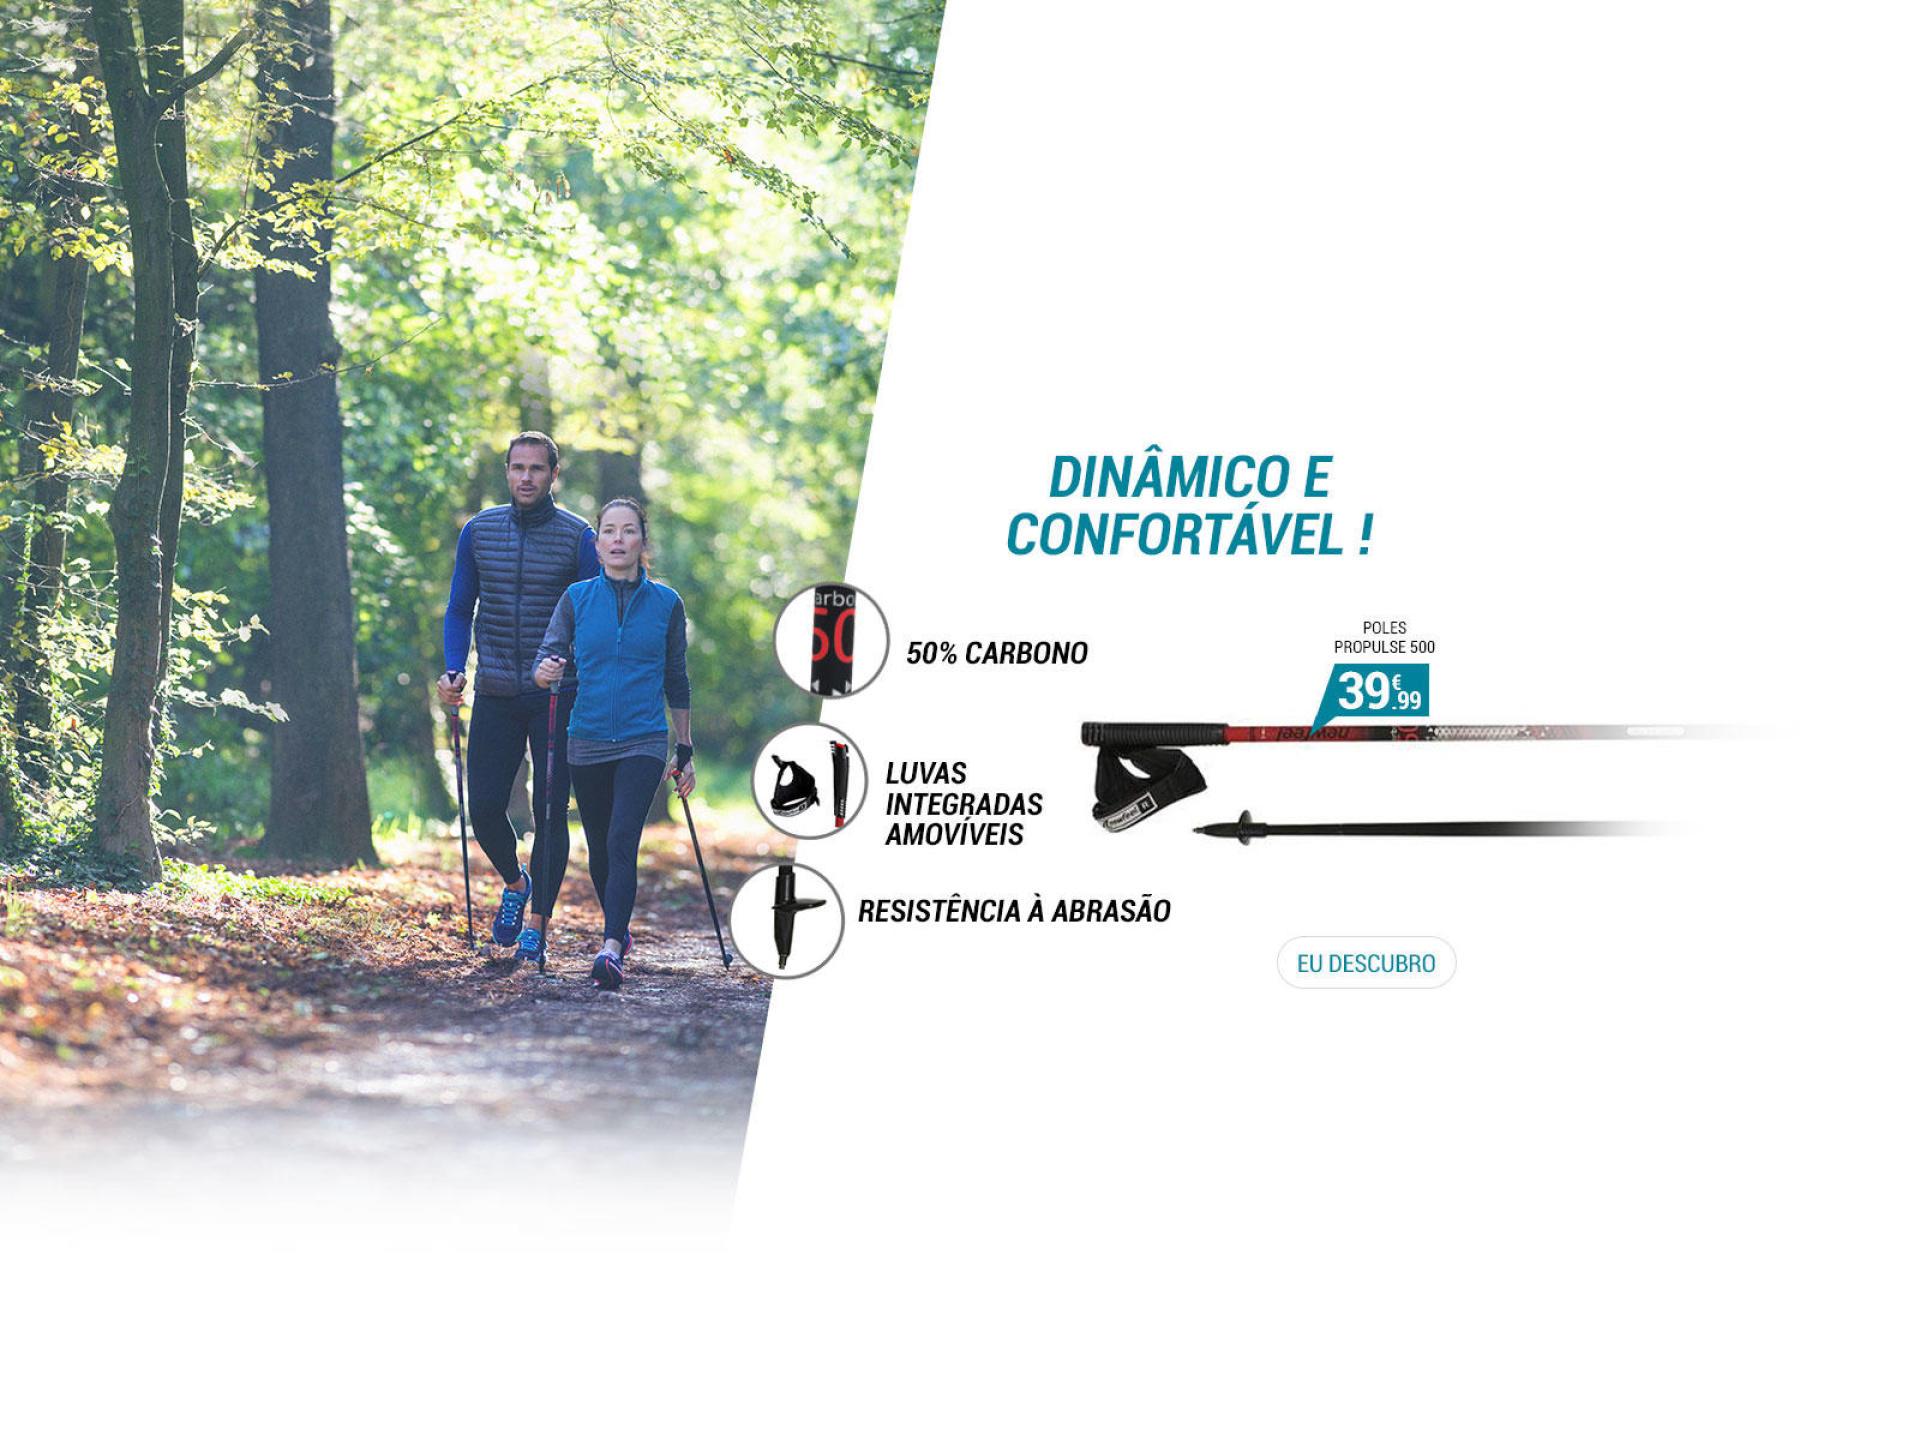 Bastões de Marcha Nórdica Propulse Walk 500 - Dinâmico e confortável